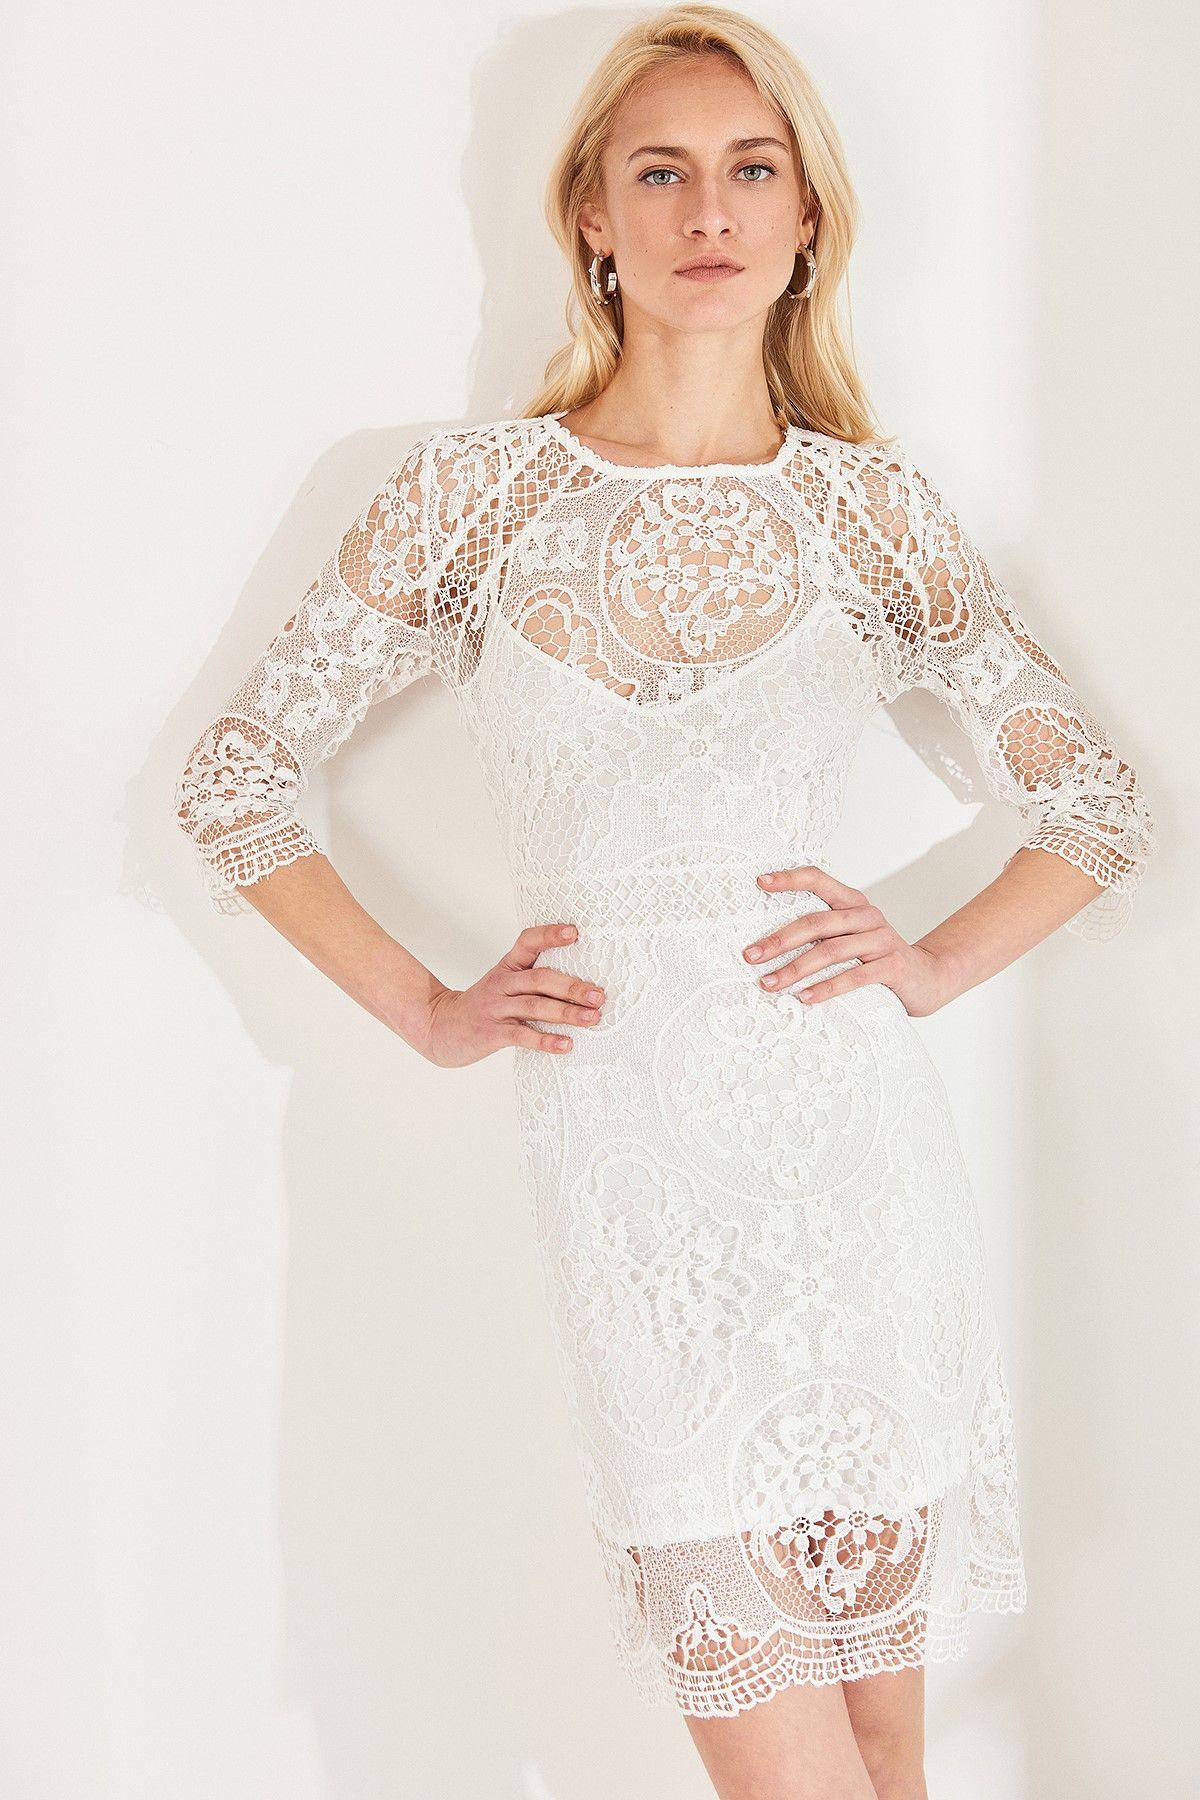 Online Alisveris Sitesi Turkiye Nin Trend Yolu Trendyol Trendler Moda Stilleri Elbise